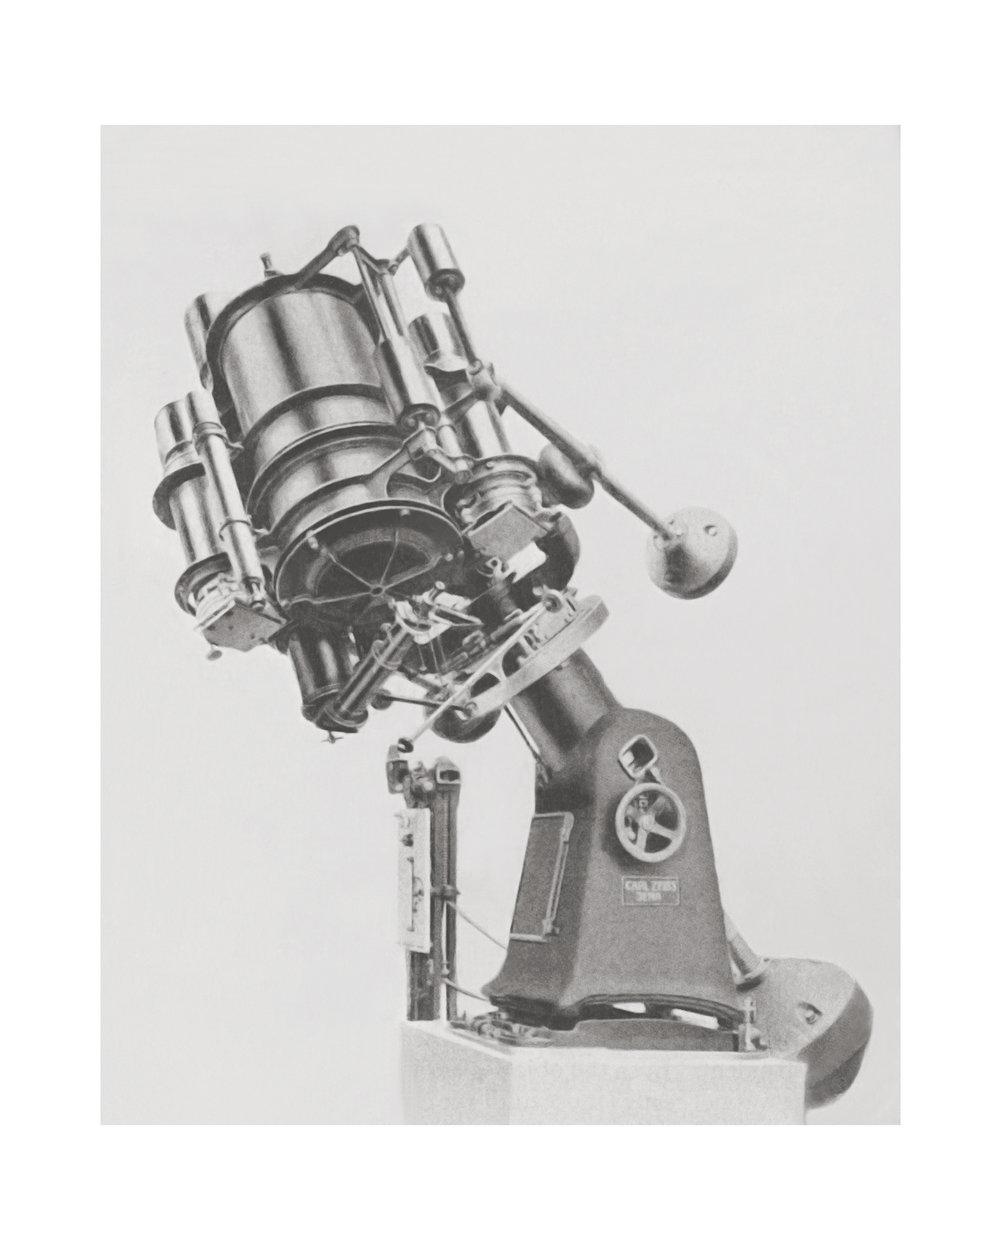 Telescope - Alberto Sinigaglia